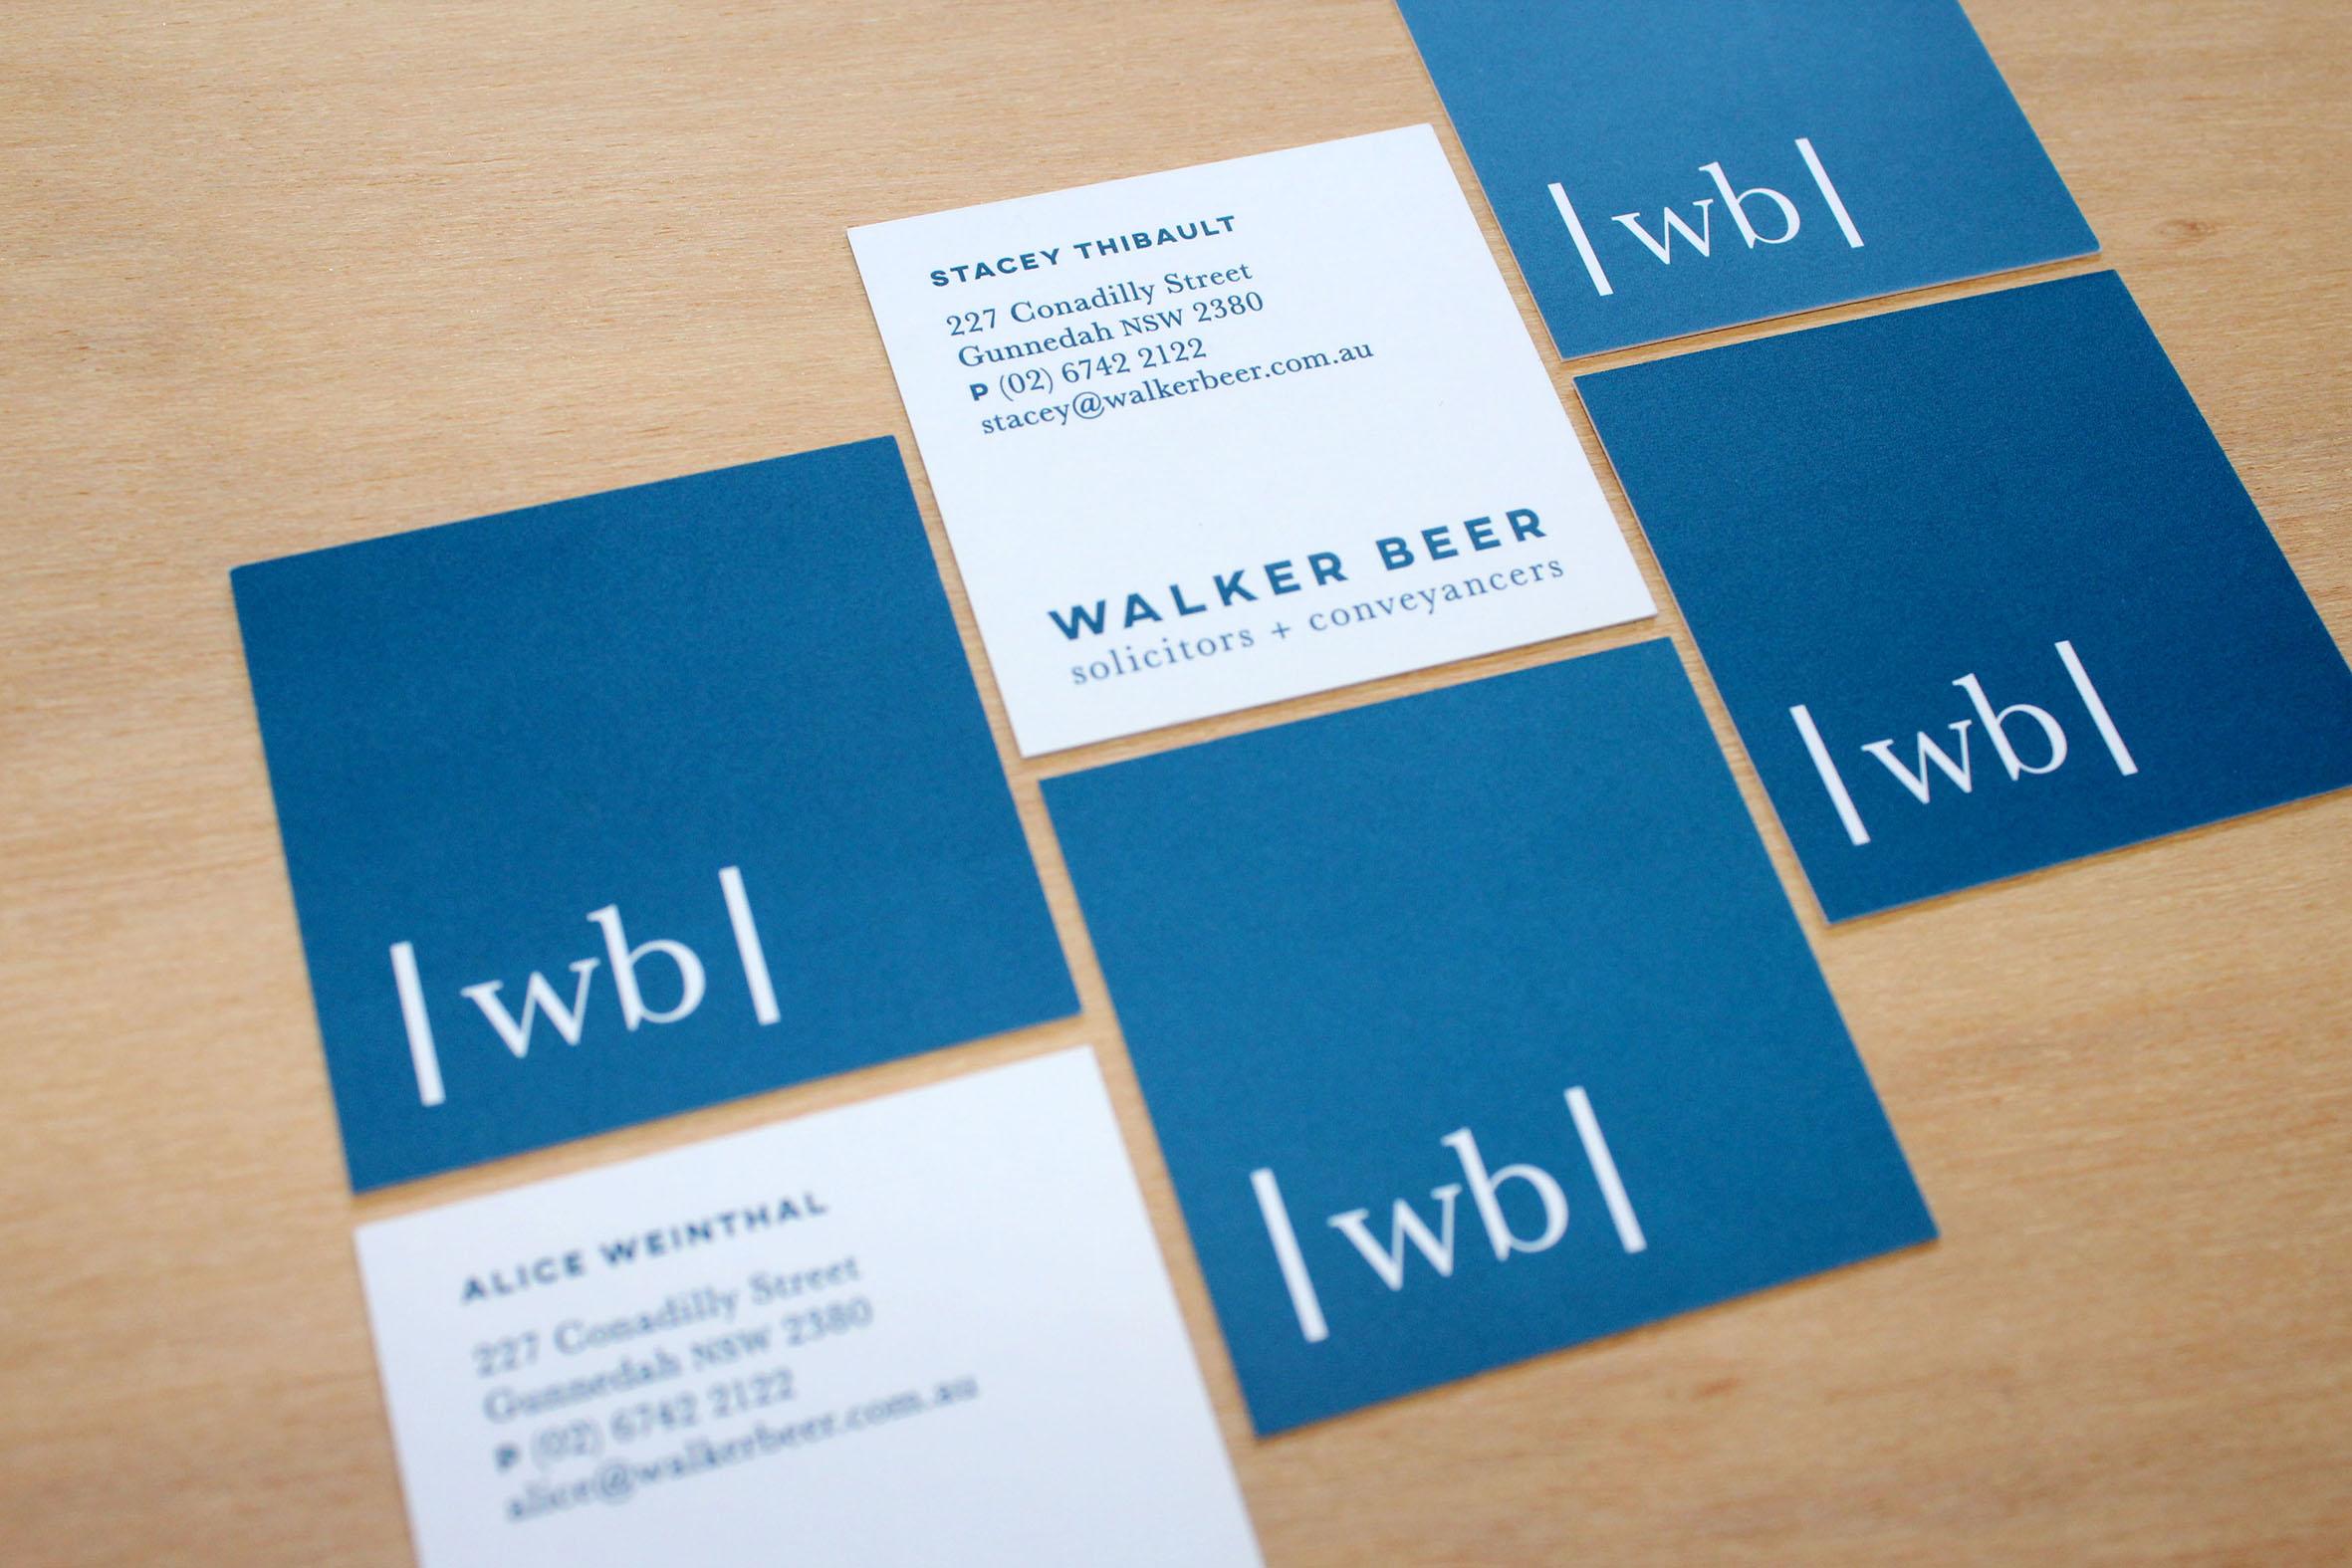 WB_cards_1w.jpg